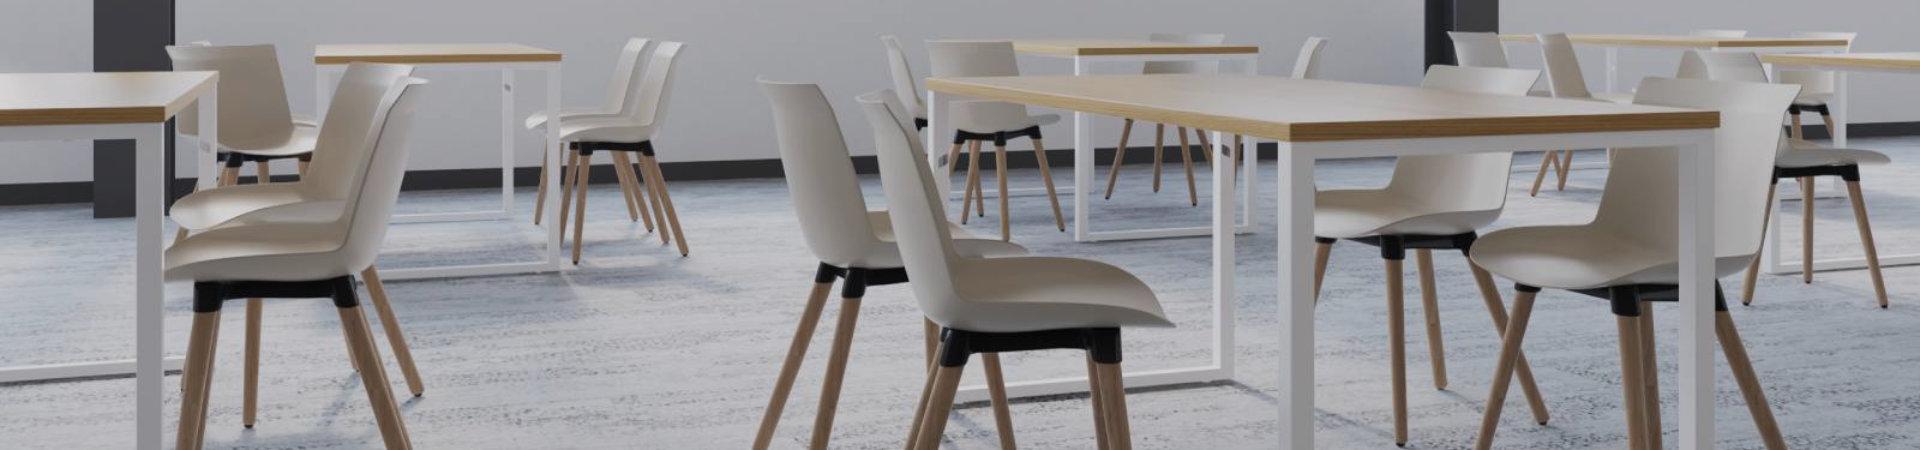 Design Your Furniture